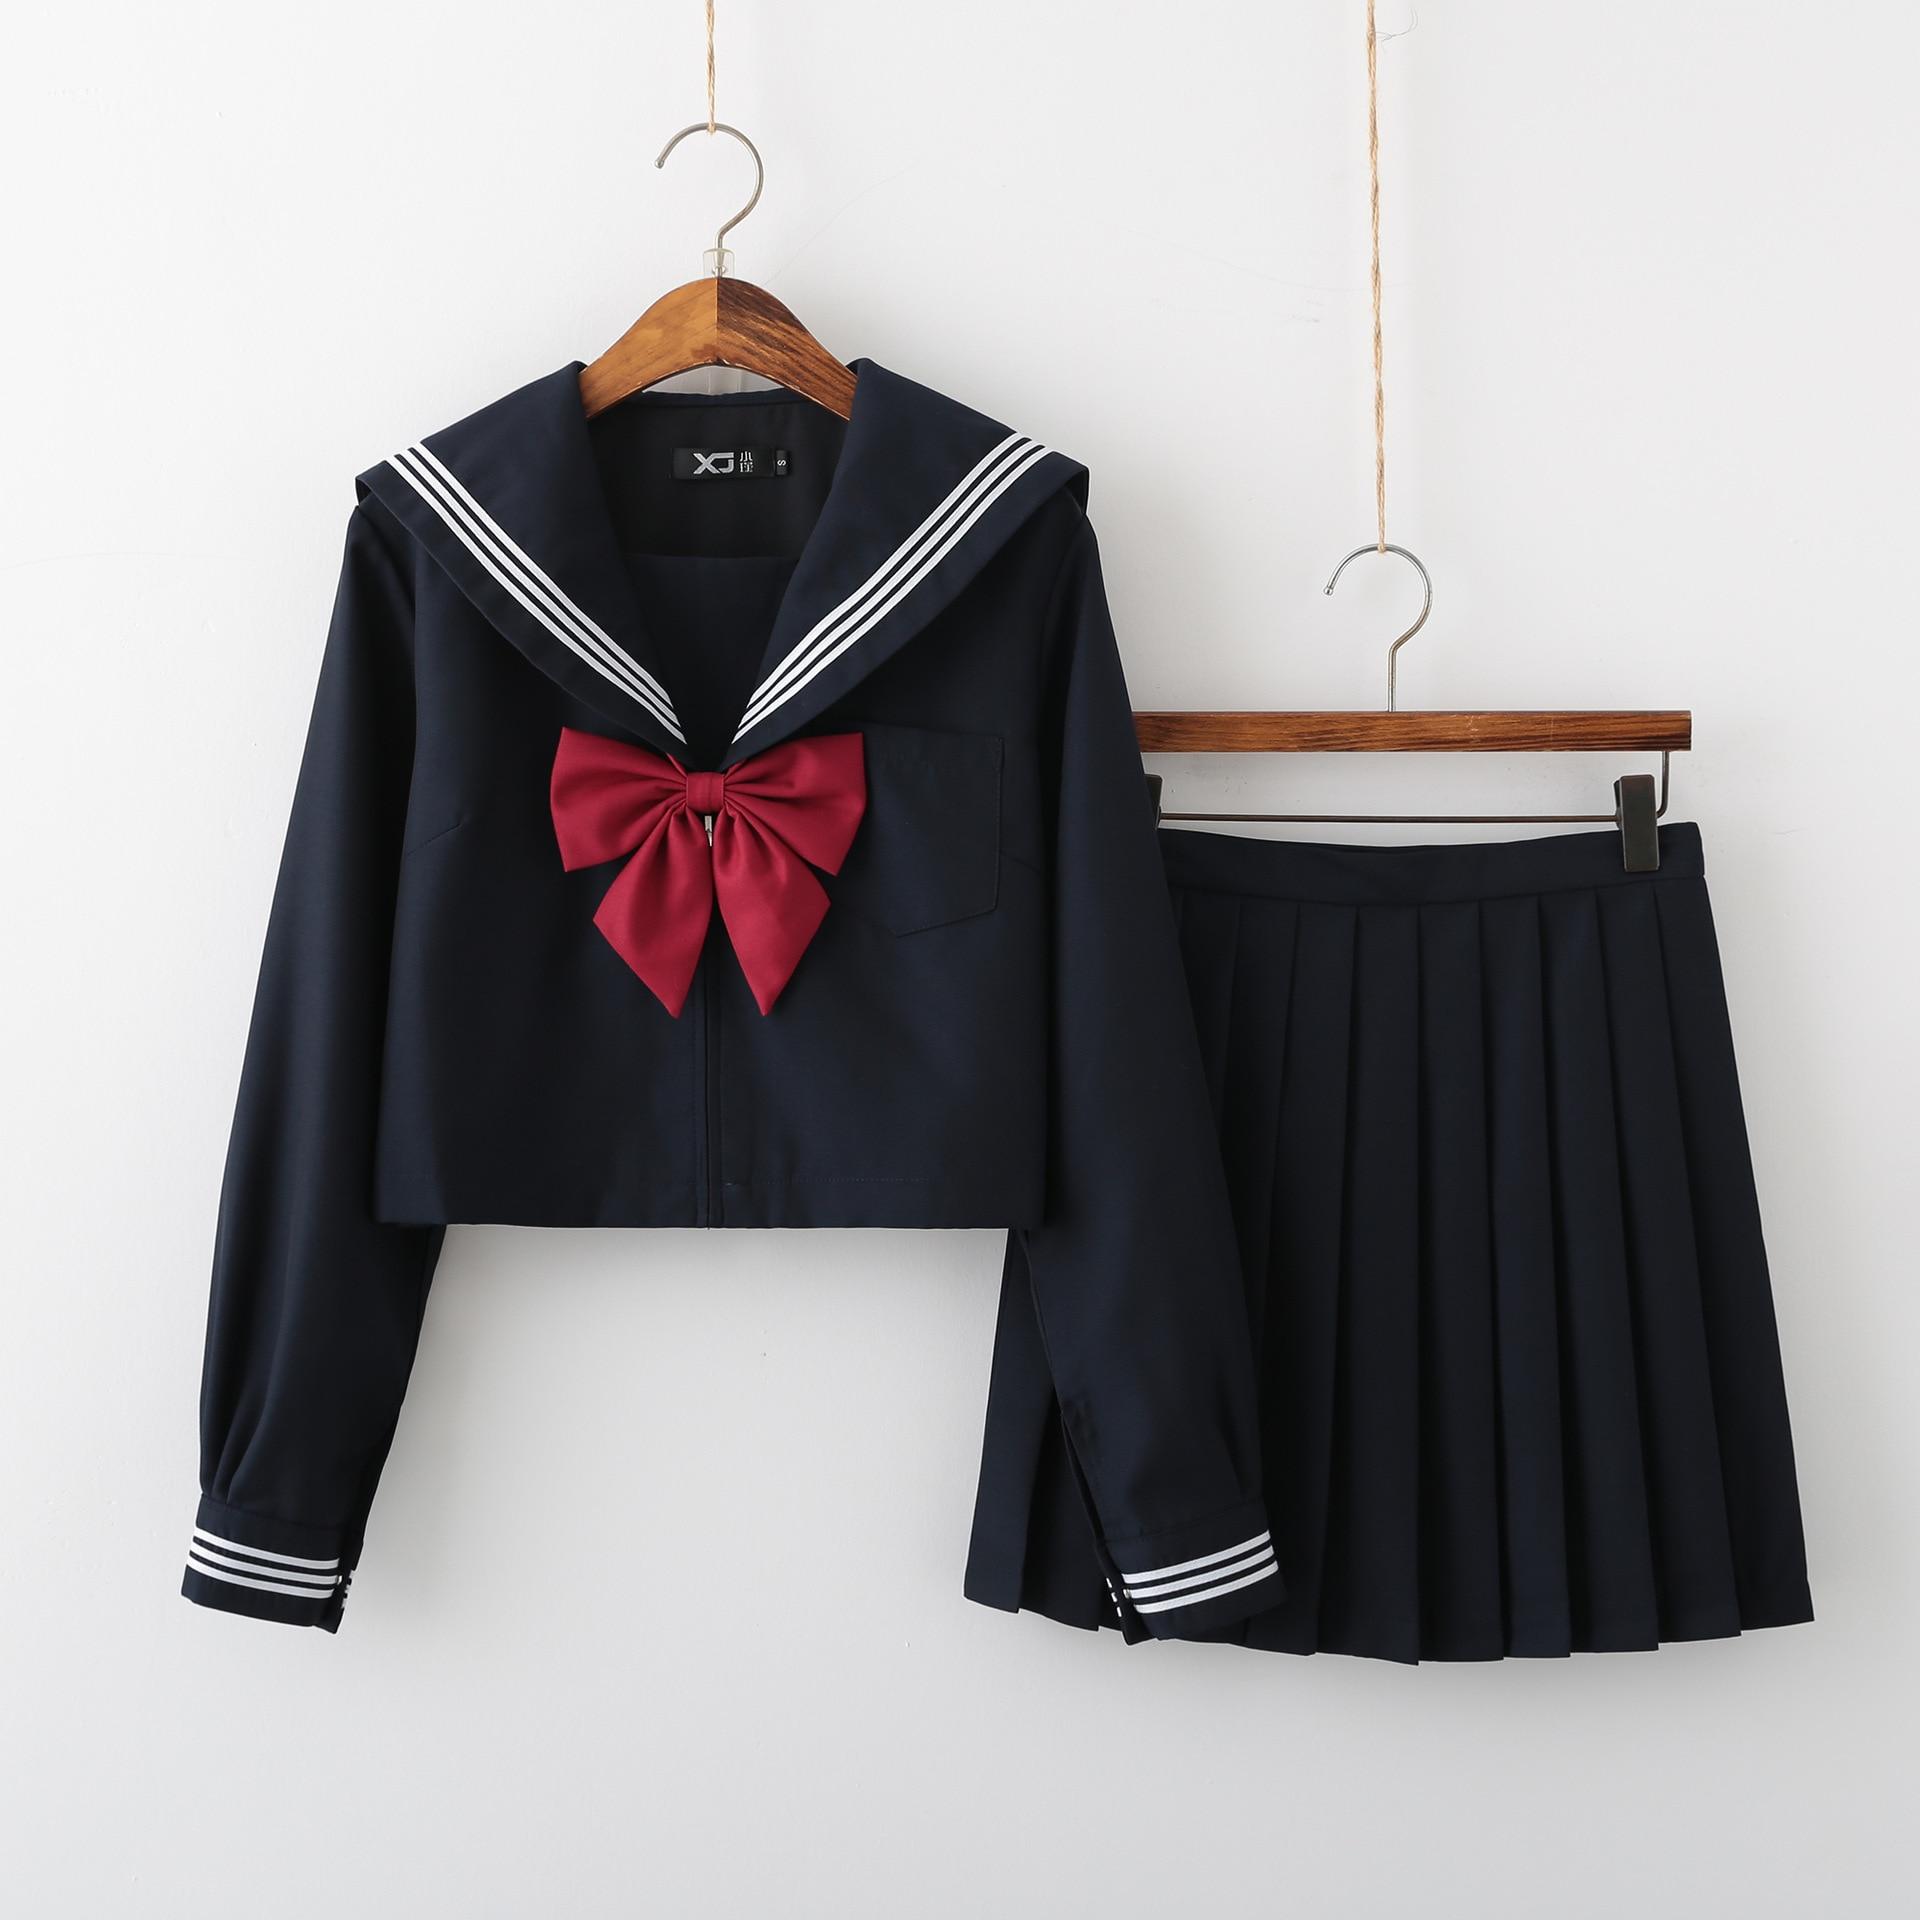 Jk uniforme escolar ortodoxo faculdade vento preto longo-mangas compridas feminino cos saia plissada terno japonês marinheiro terno estudantes usam xl